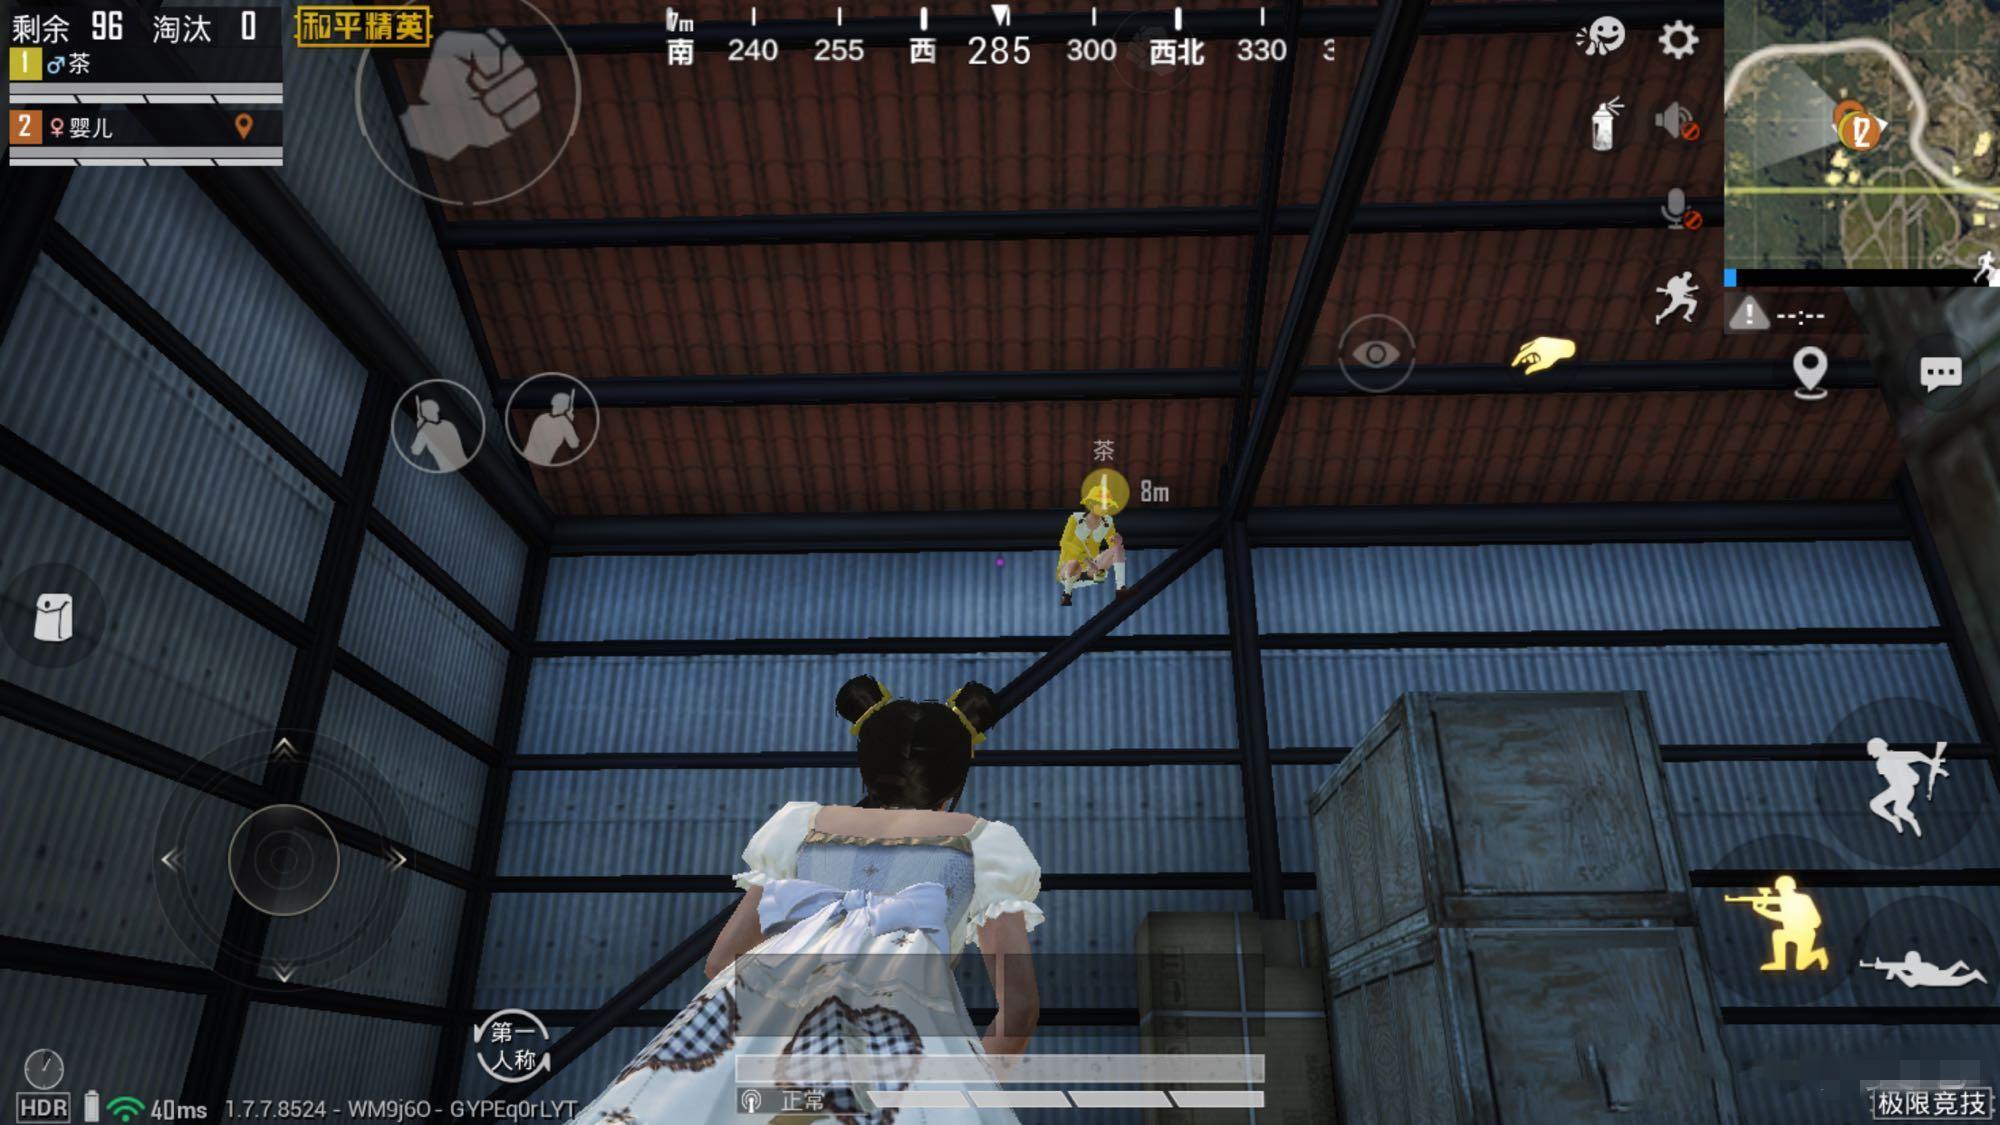 《【合盈国际代理平台】吃鸡玩家在游戏载入界面发现了一个隐藏的载具皮肤-哈雷摩托!》